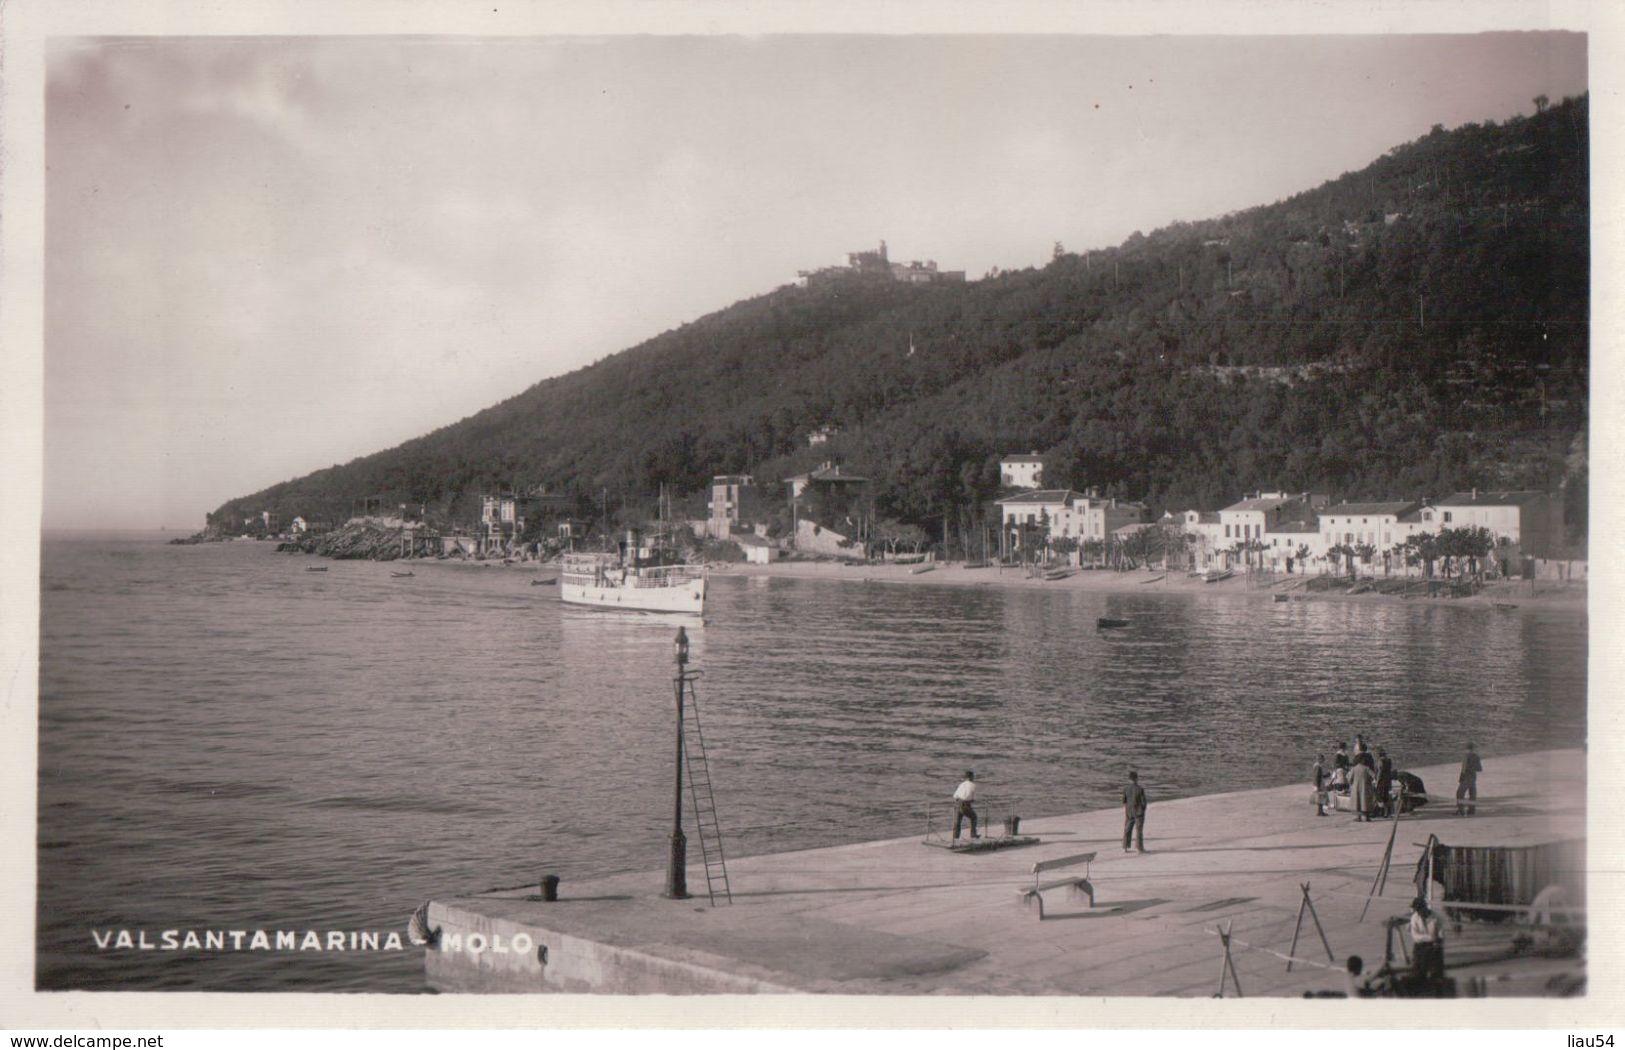 VALSANTAMARINA MOLO (1937) - Croatia